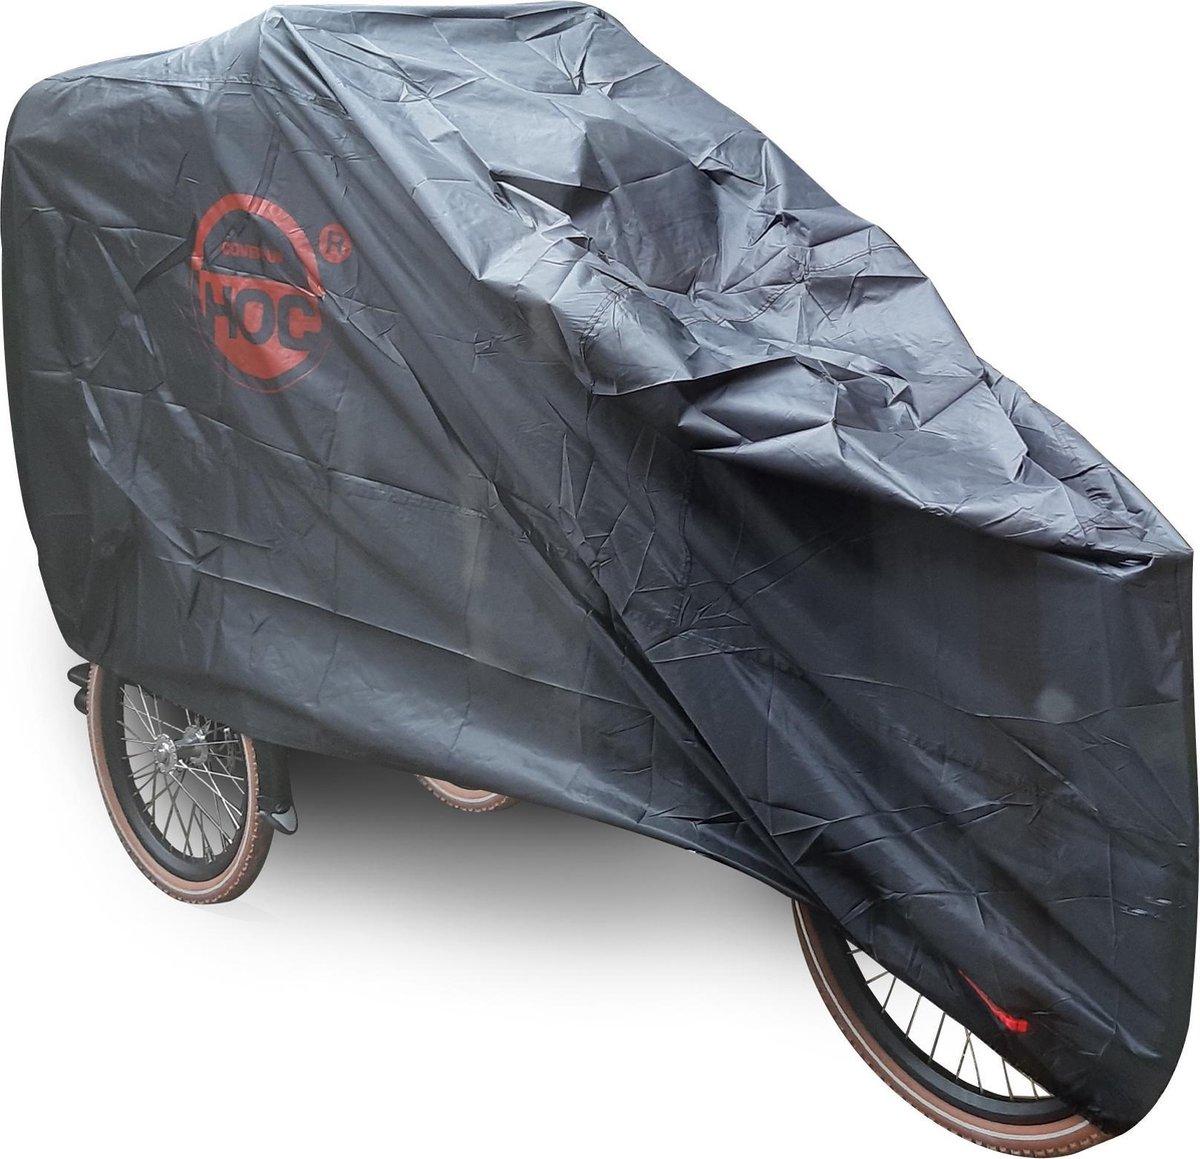 COVER UP HOC  Winther Kangaroo Luxe Bakfietshoes zwart - stofvrij / ademend / waterafstotend - Red Label kopen